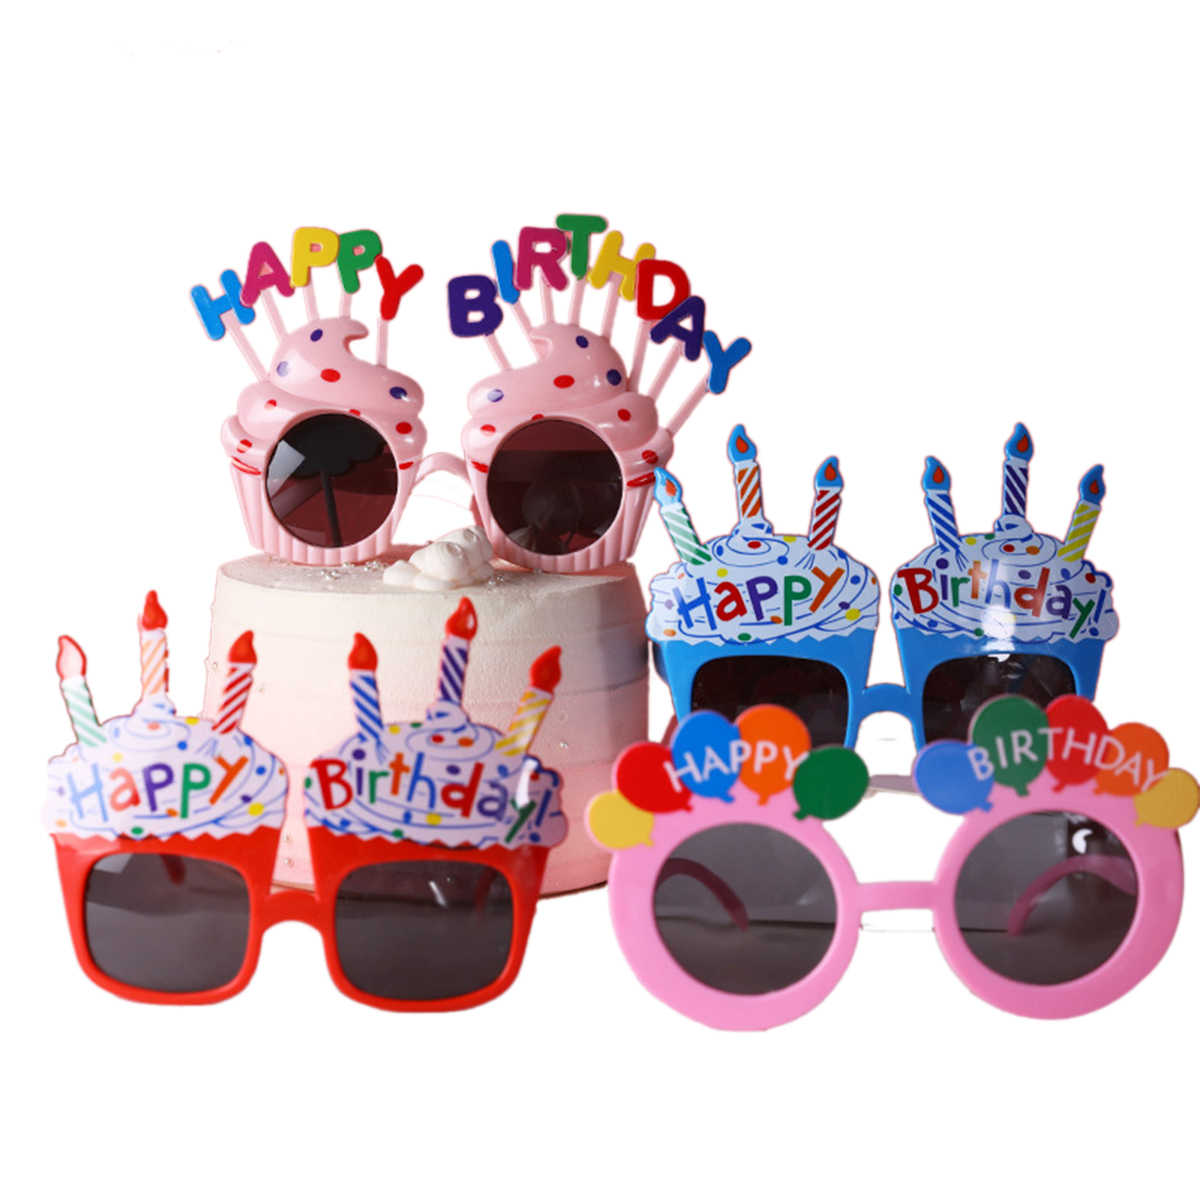 יום הולדת מסיבת משקפי שמש משקפיים מצחיקים תמונת המפלגה Props קישוטי מחזיקי לילדים קישוטי תינוק מקלחת המפלגה